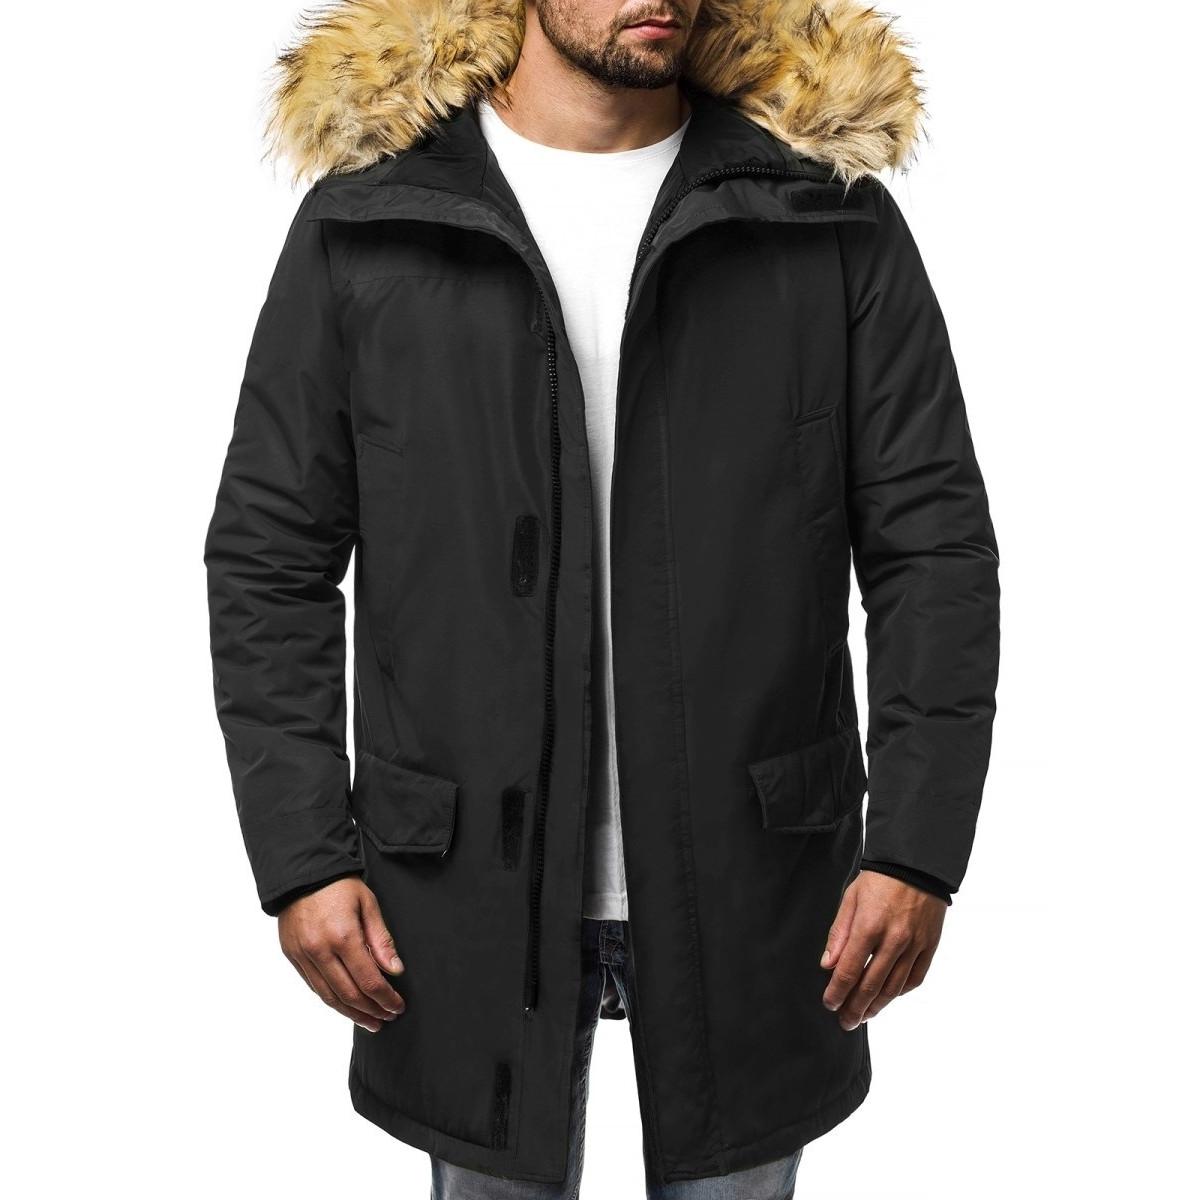 Куртка-парка (плащ) мужская зимняя (черная)